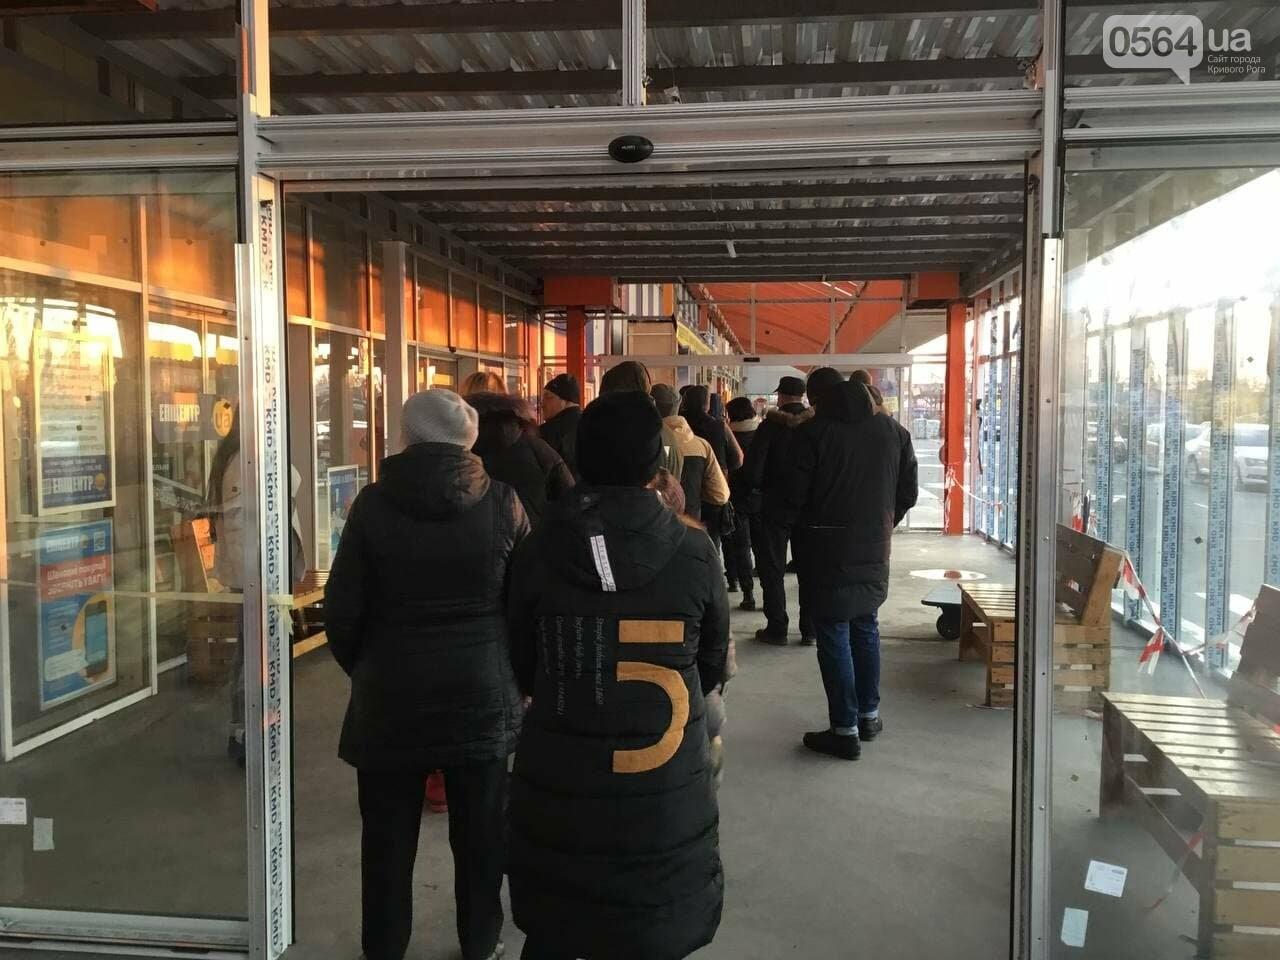 Как в Кривом Роге работают гипермаркеты в период локдауна, - ФОТО, фото-2